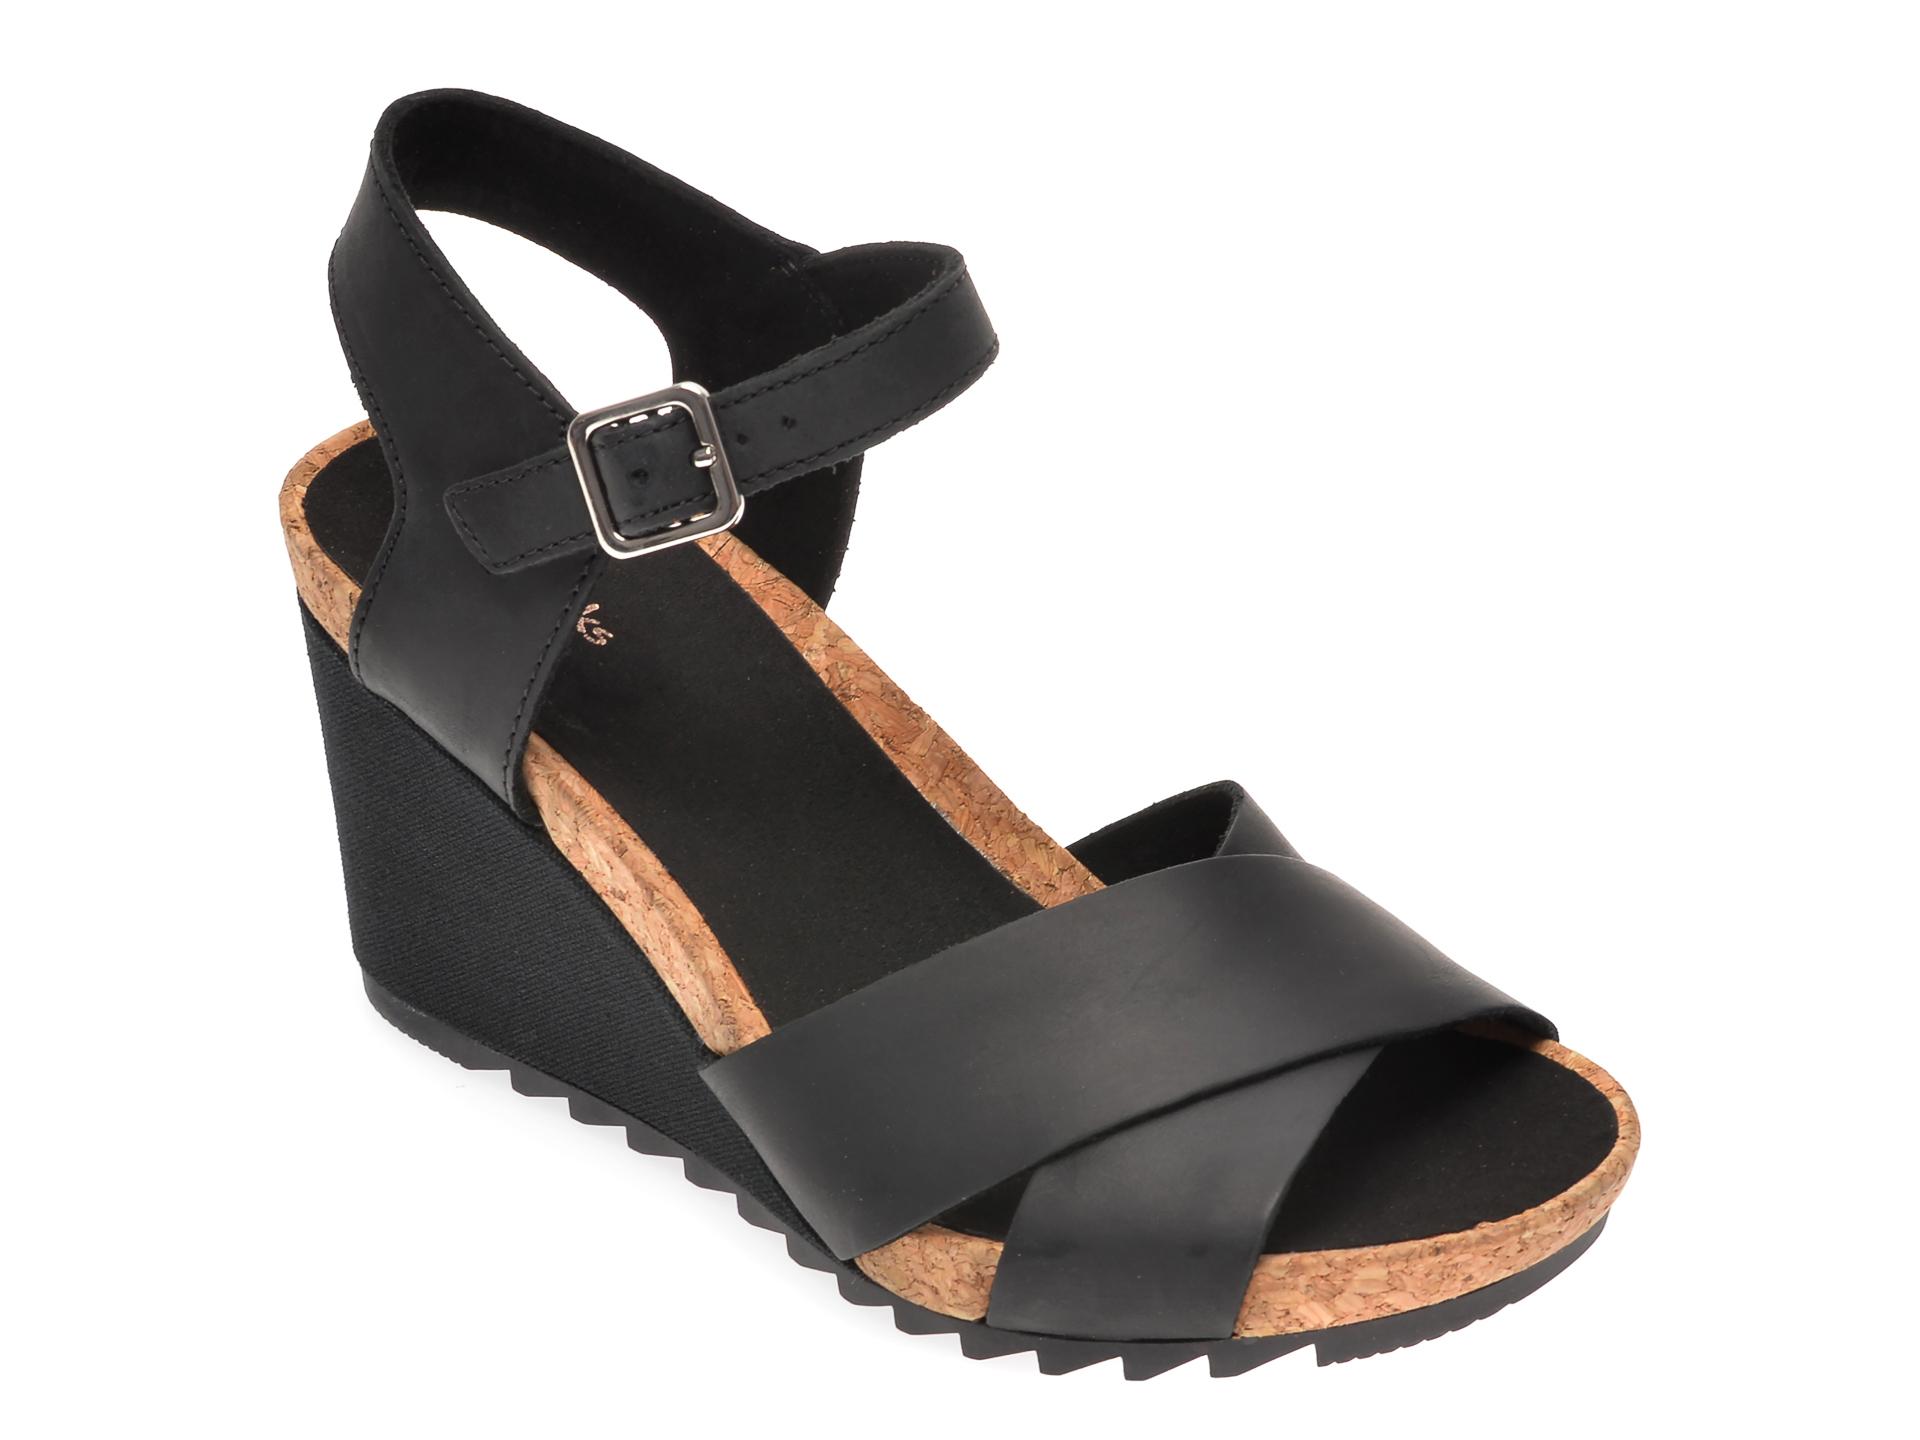 Sandale CLARKS negre, Flex Sun, din piele naturala